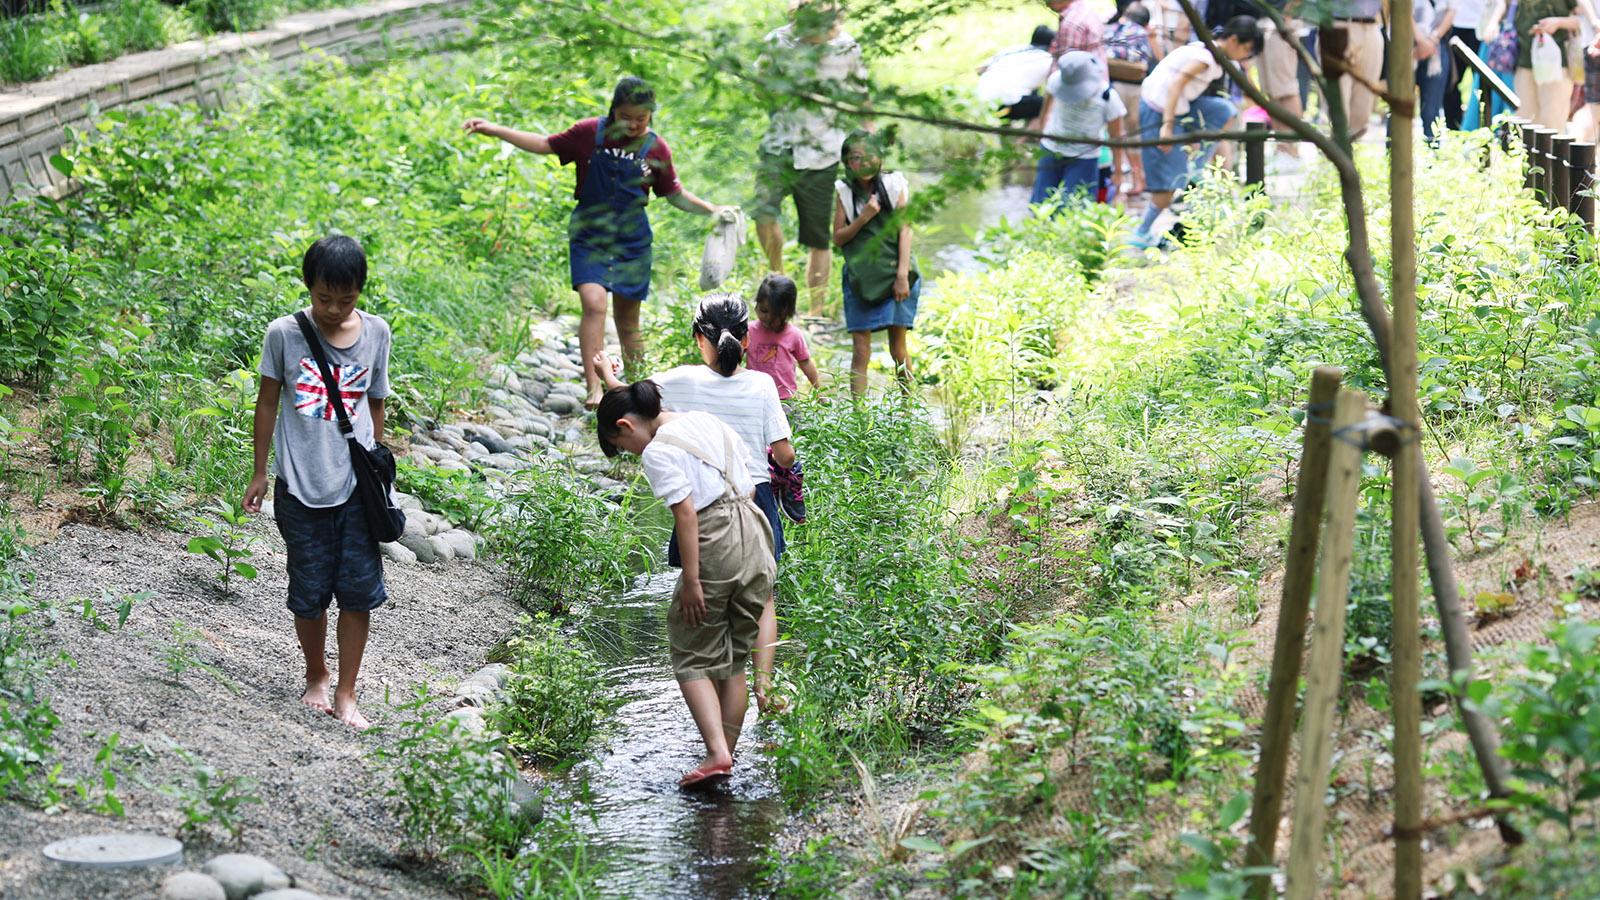 遅野井川親水施設で遊ぶ子どもたち